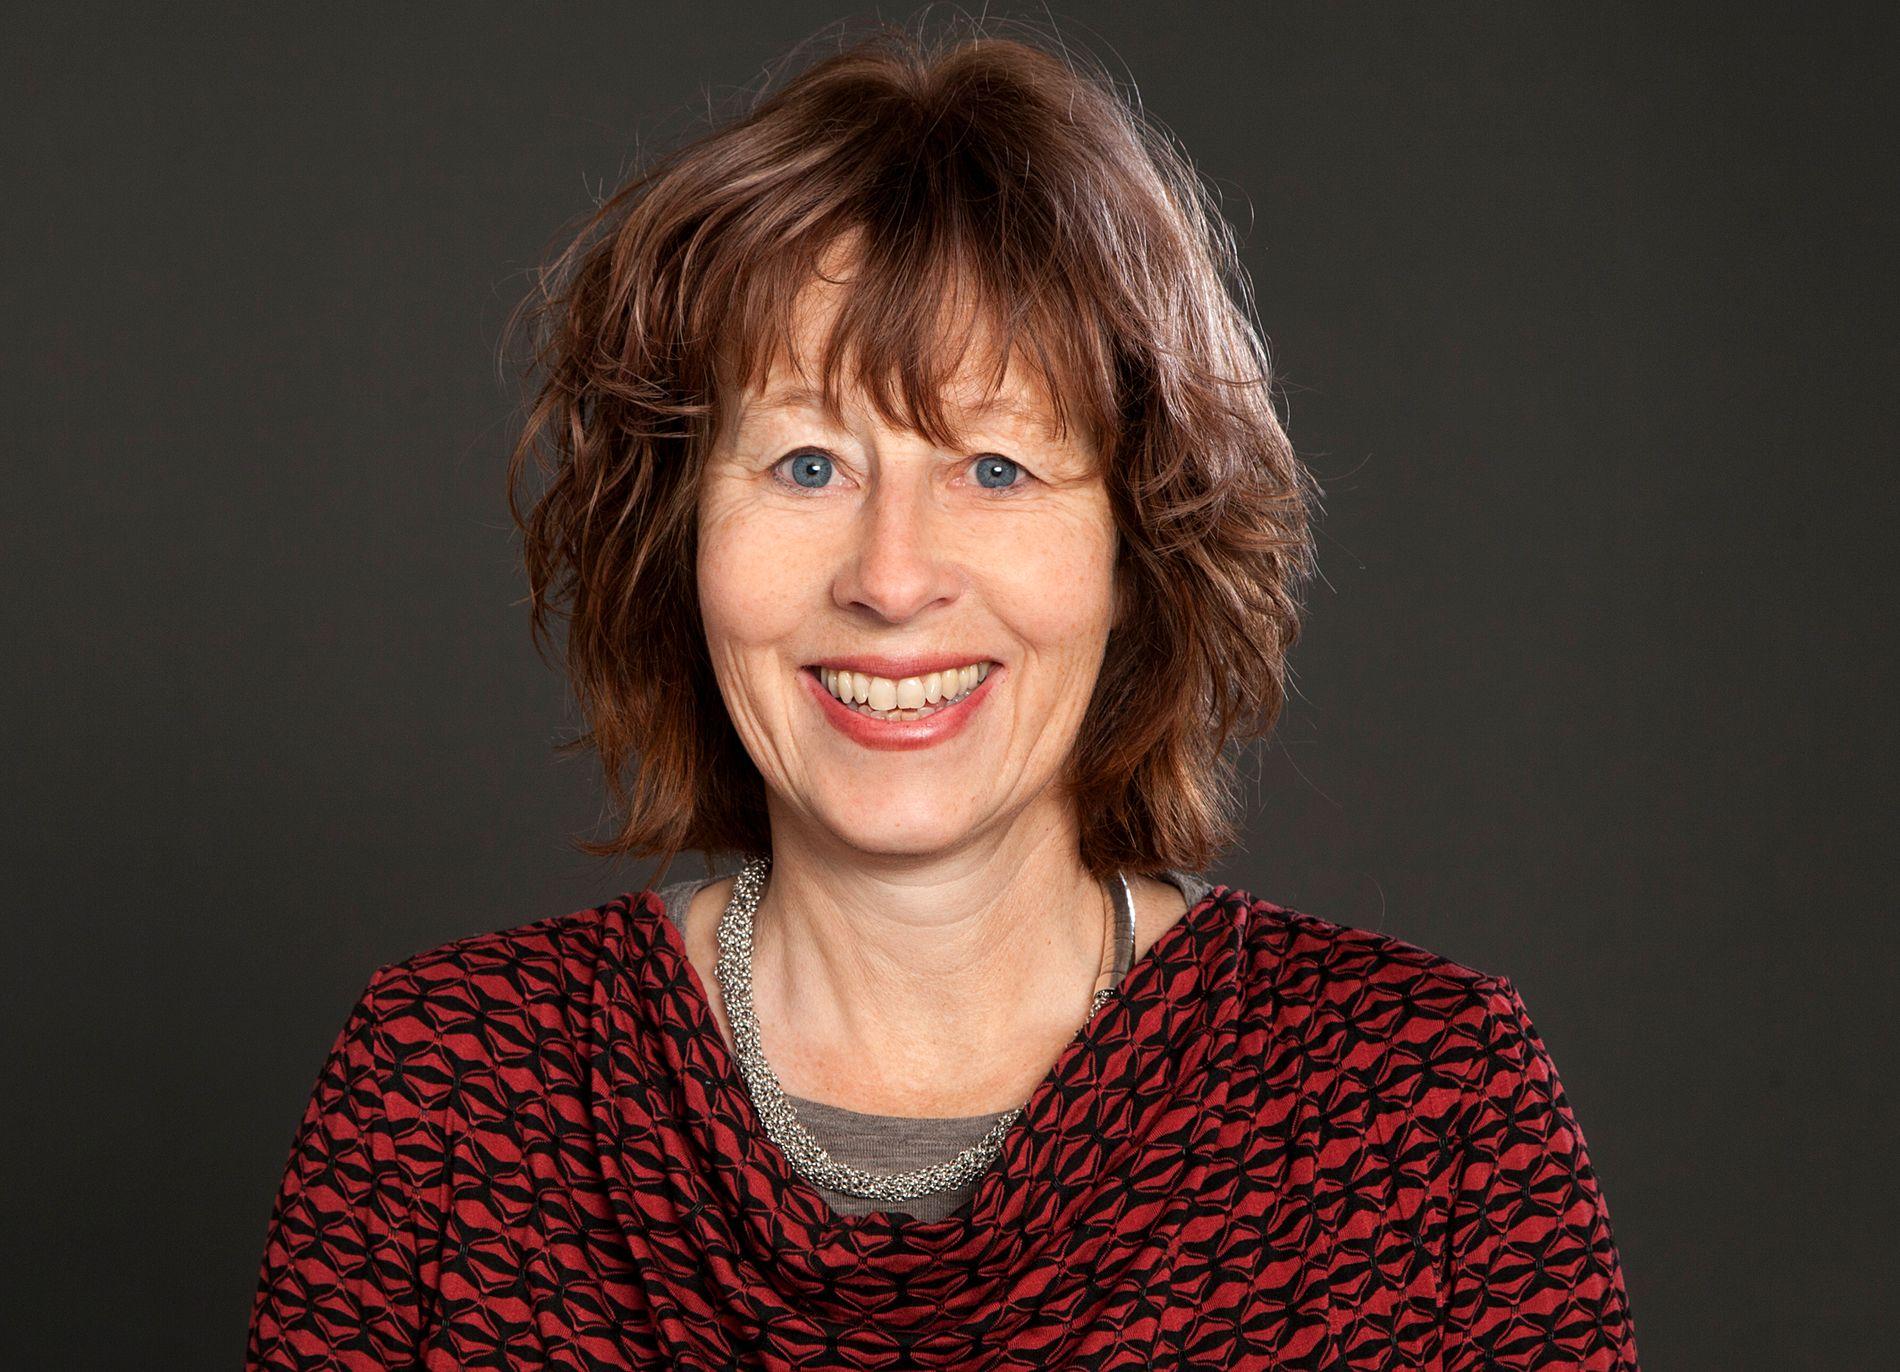 Marianne E. Lien er professor i sosialantropologi ved Universitetet i Oslo. Hun eier selv en hytteandel i et sameie med 27 eiere. Gode felles minner sammen gjør det enklere å dele hytte, tror hun.